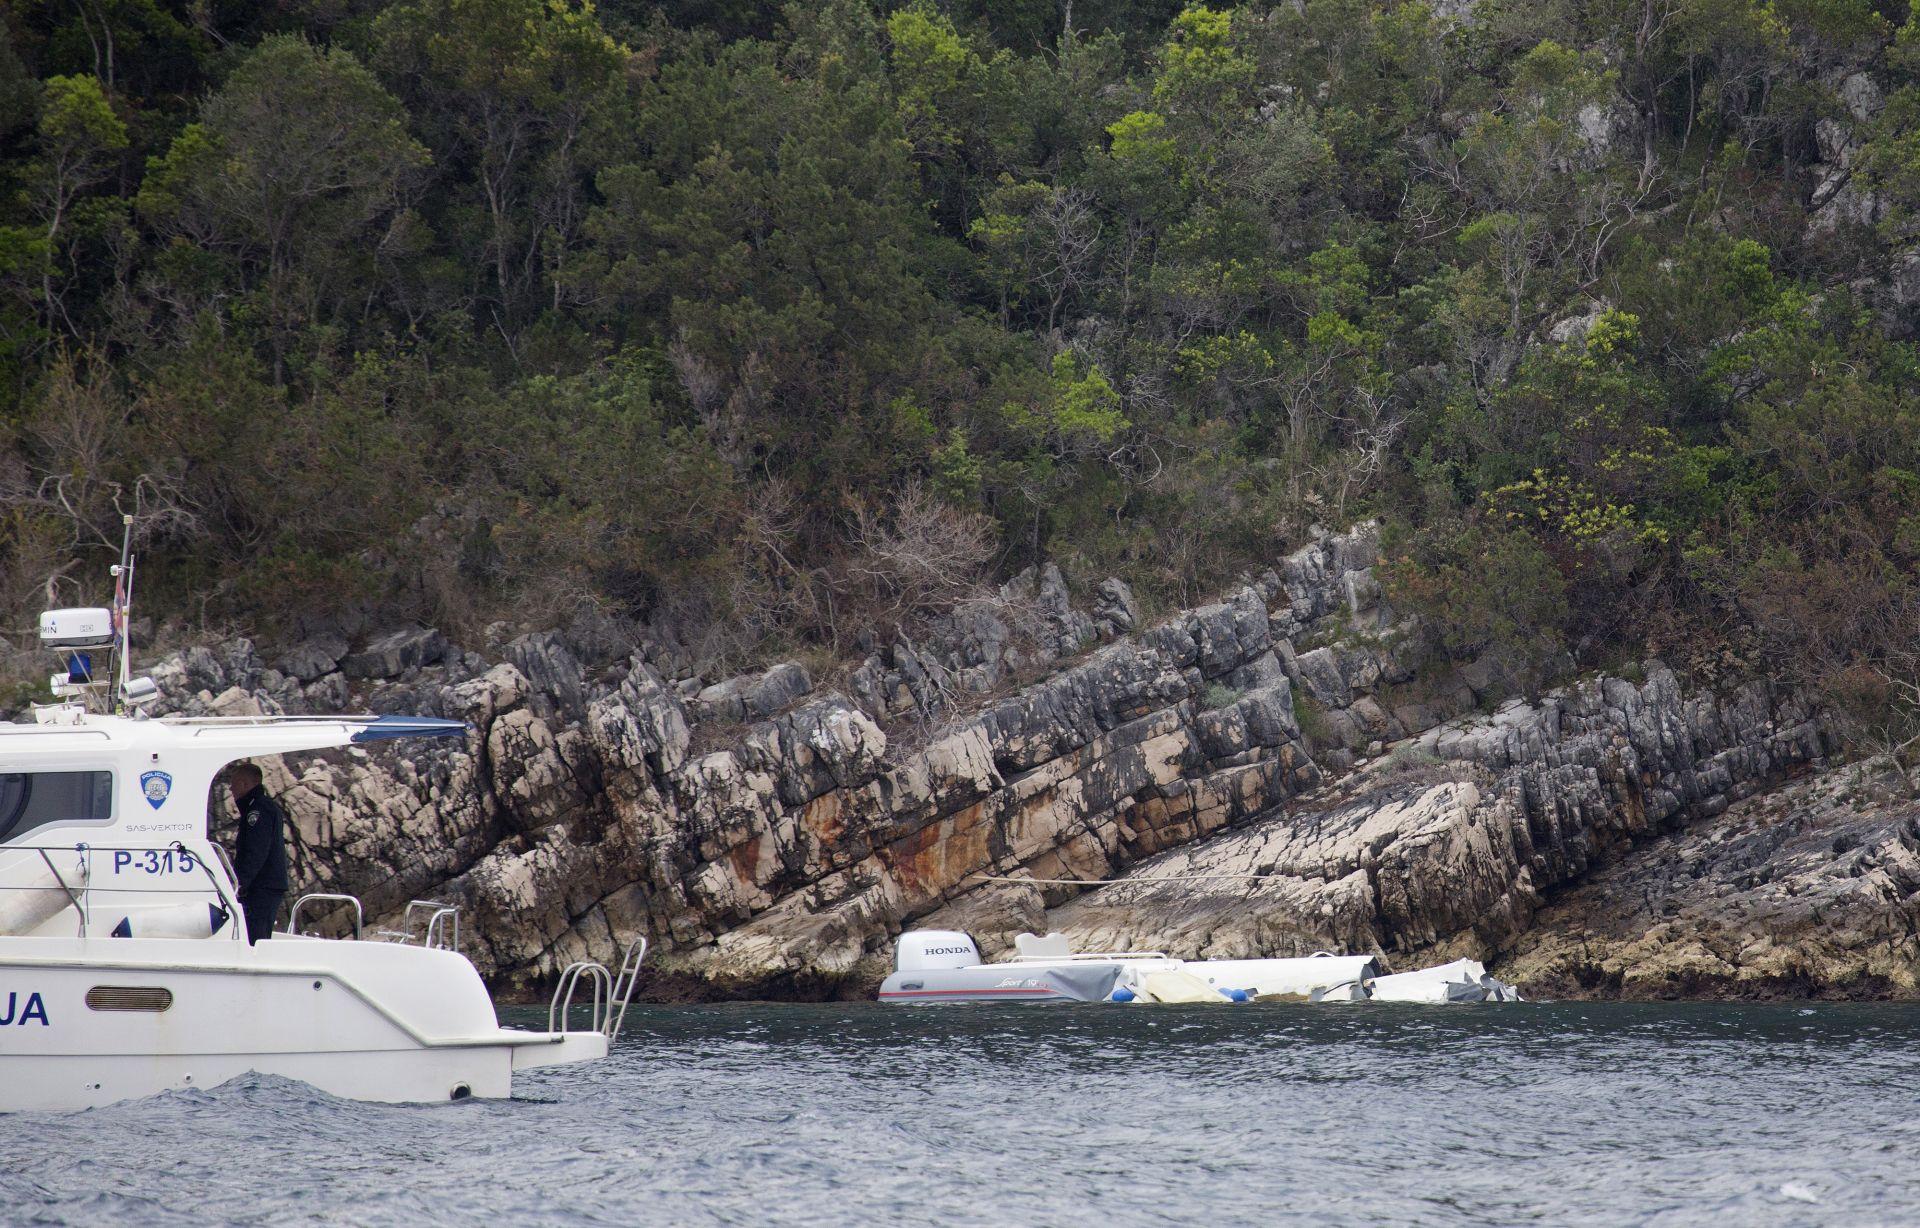 KAPETAN LUČKE KAPETANIJE 'Nije točno da naš brod nije bio osvijetljen'